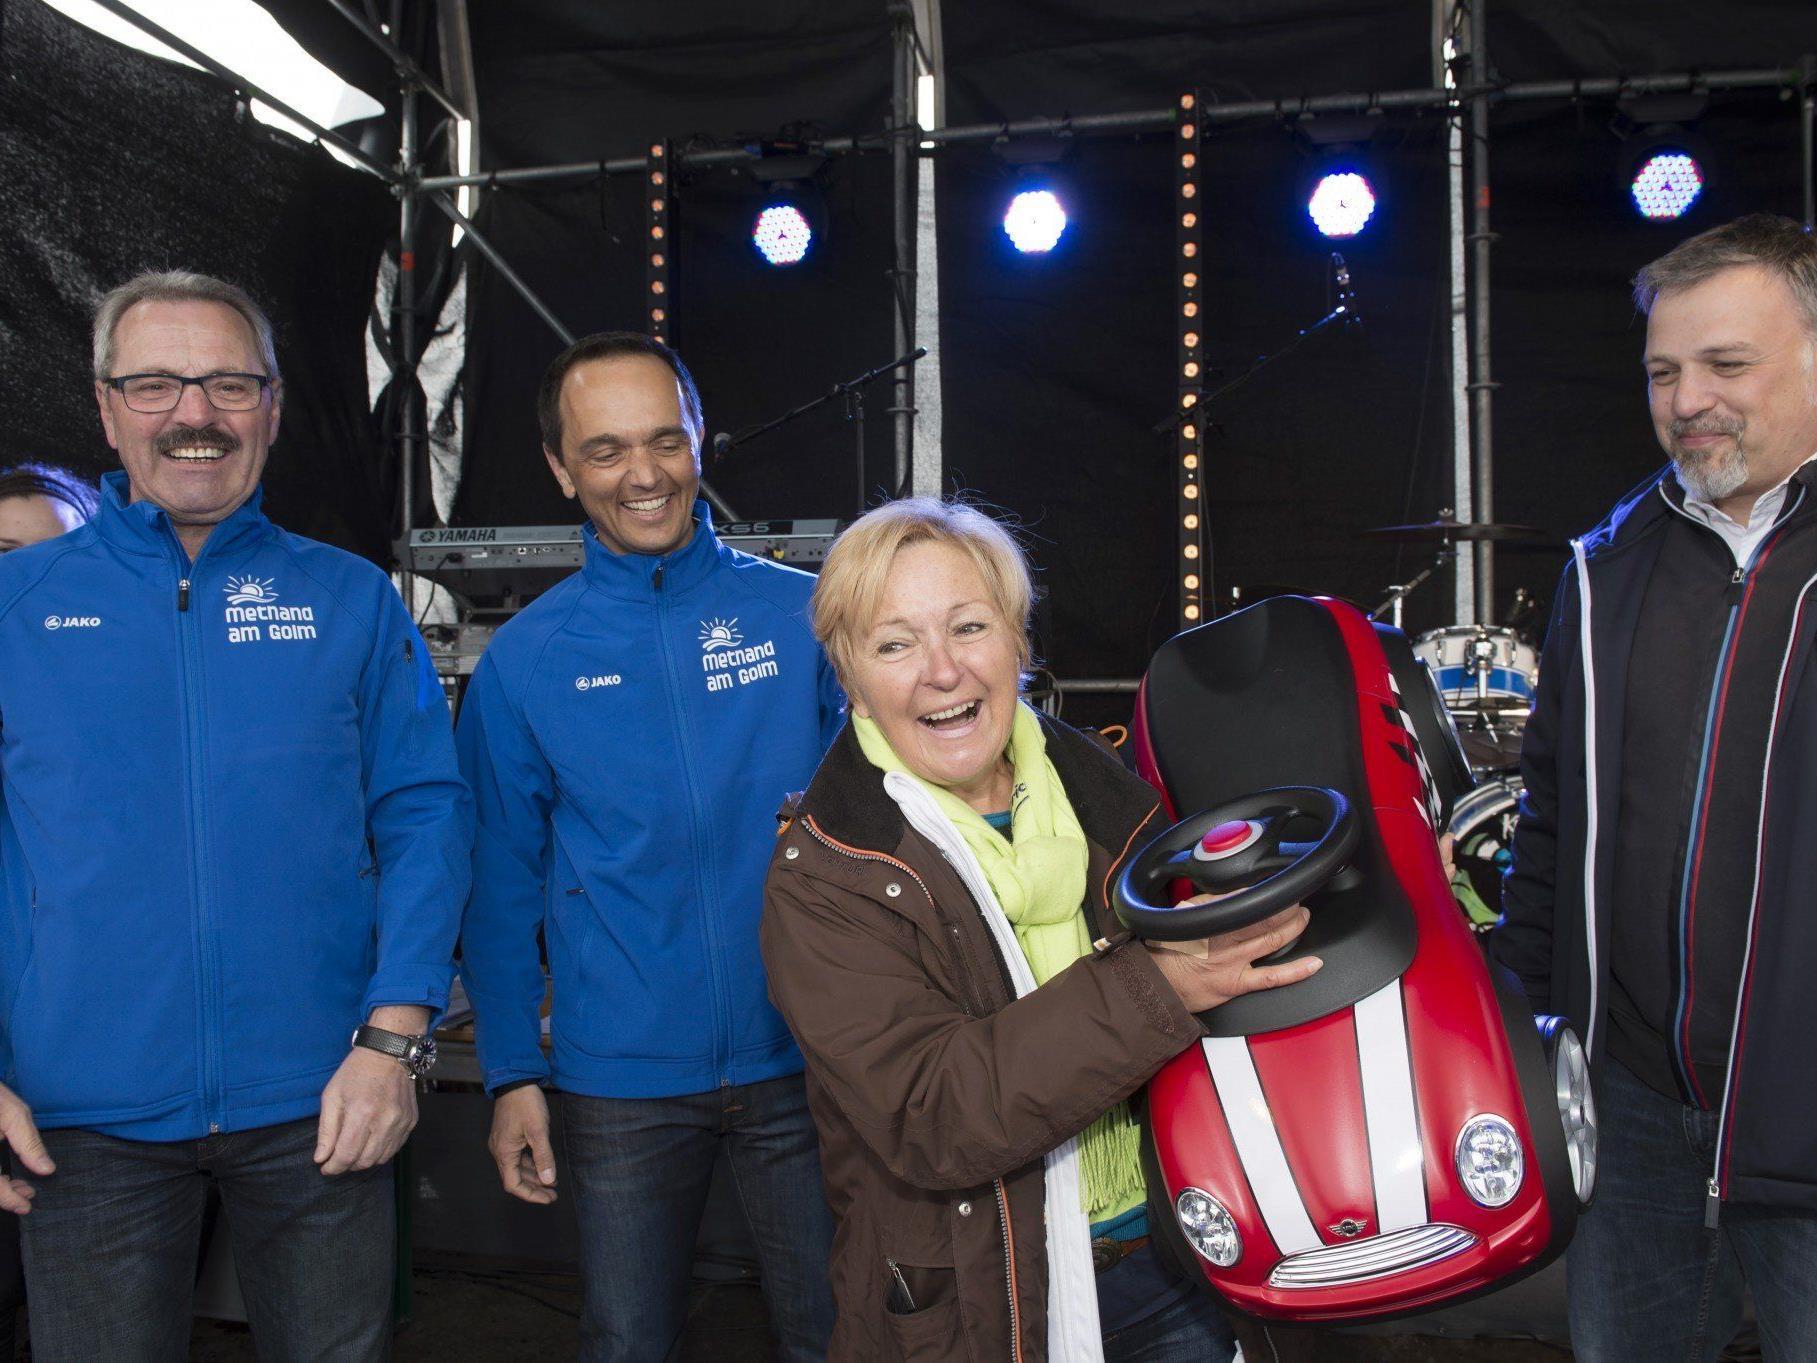 Ursula van Ast freut sich über ihr neues Gefährt – einen nagelneuen Mini Cooper R56 vom BMW Baumgartner. Vorerst muss sie sich mit einem Bobby Car trösten.